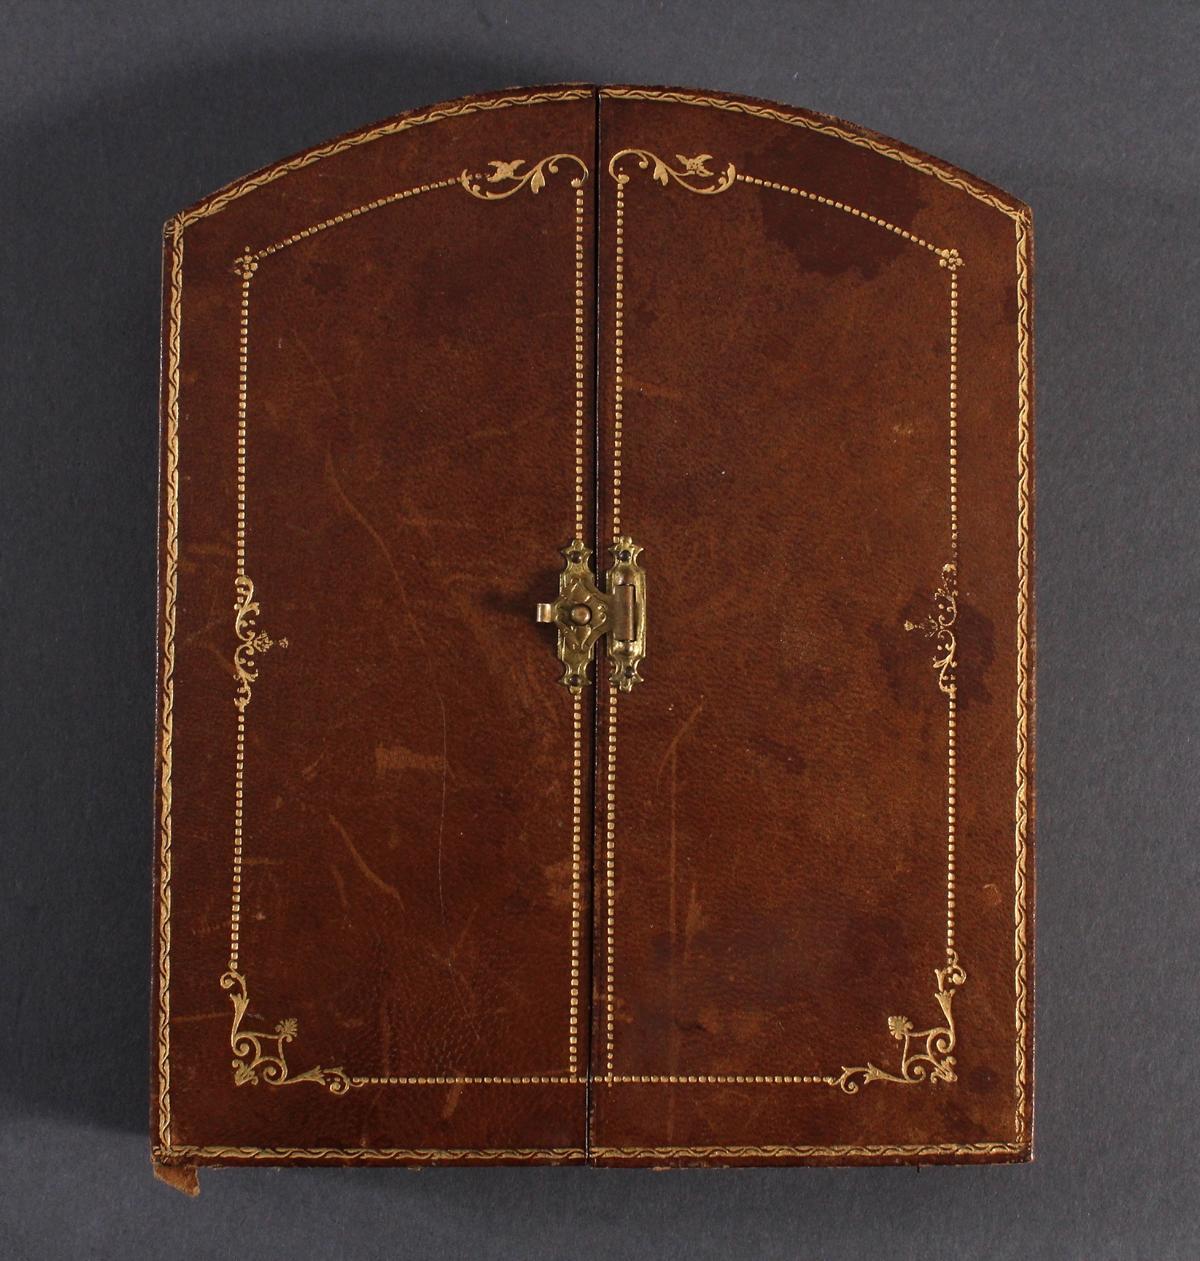 Bronzemedaille im Etui, Frankreich um 1900, signiert Ruffony, Virgo Maria-4